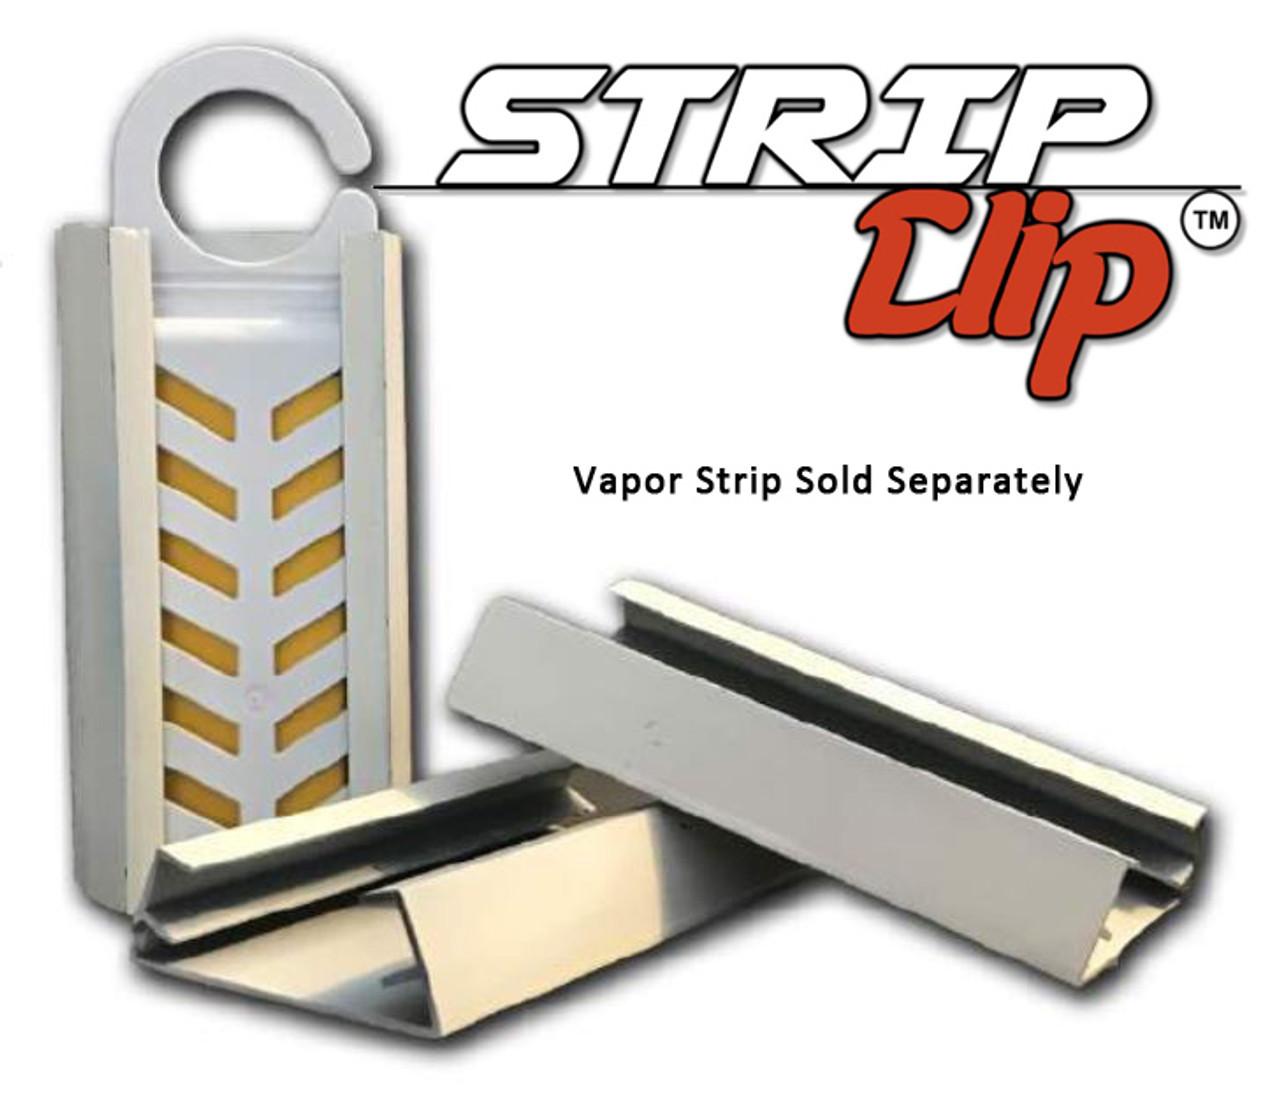 Fruit Fly BarPro Vapor Strip Clip